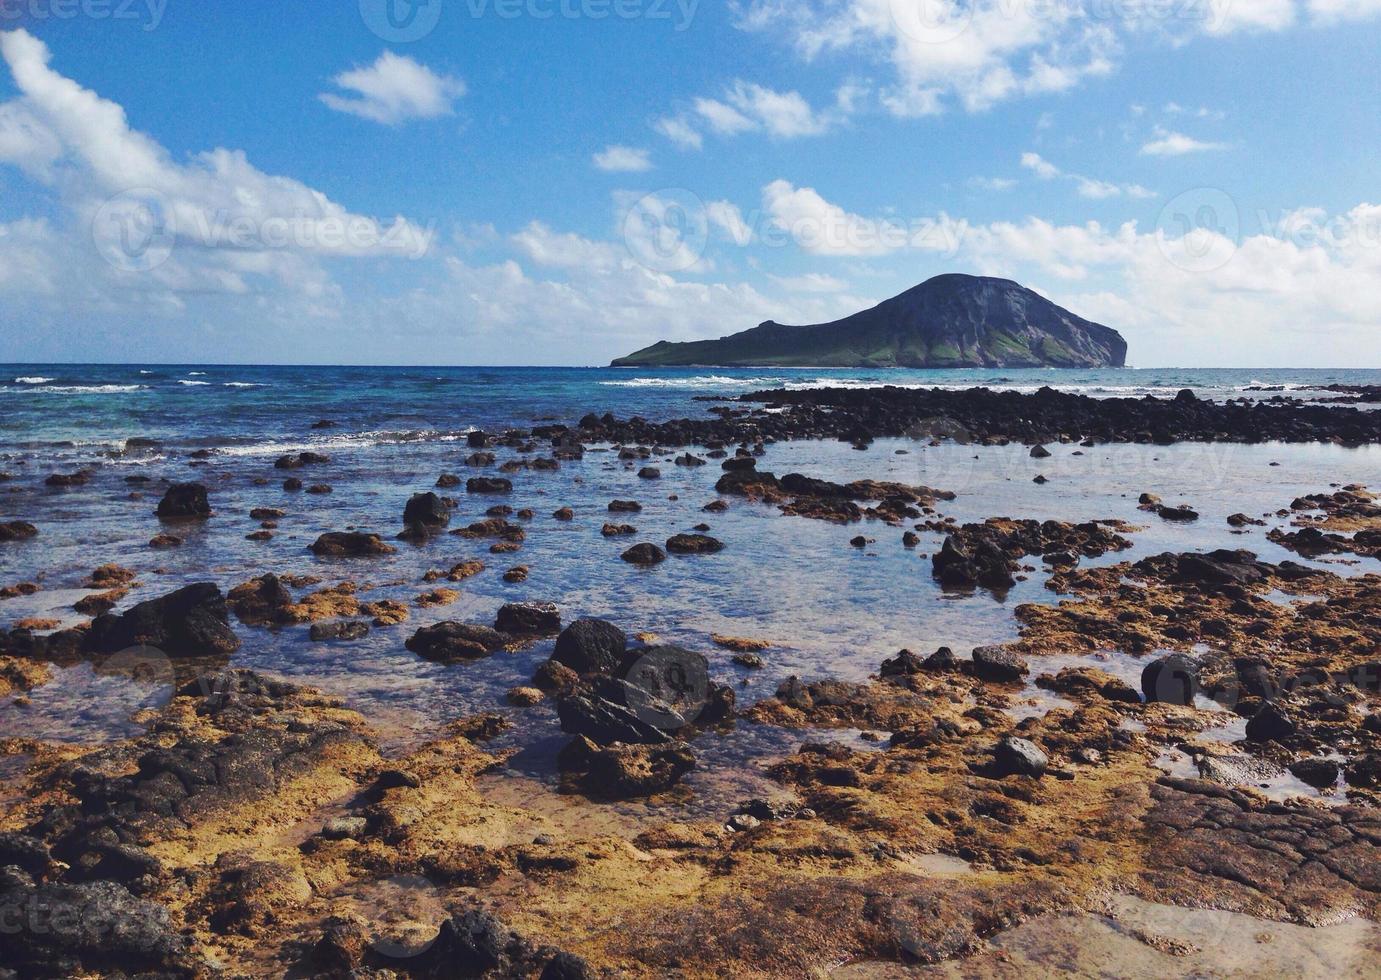 stenig strand med hav och kaninö Waimanalo Hawaii foto